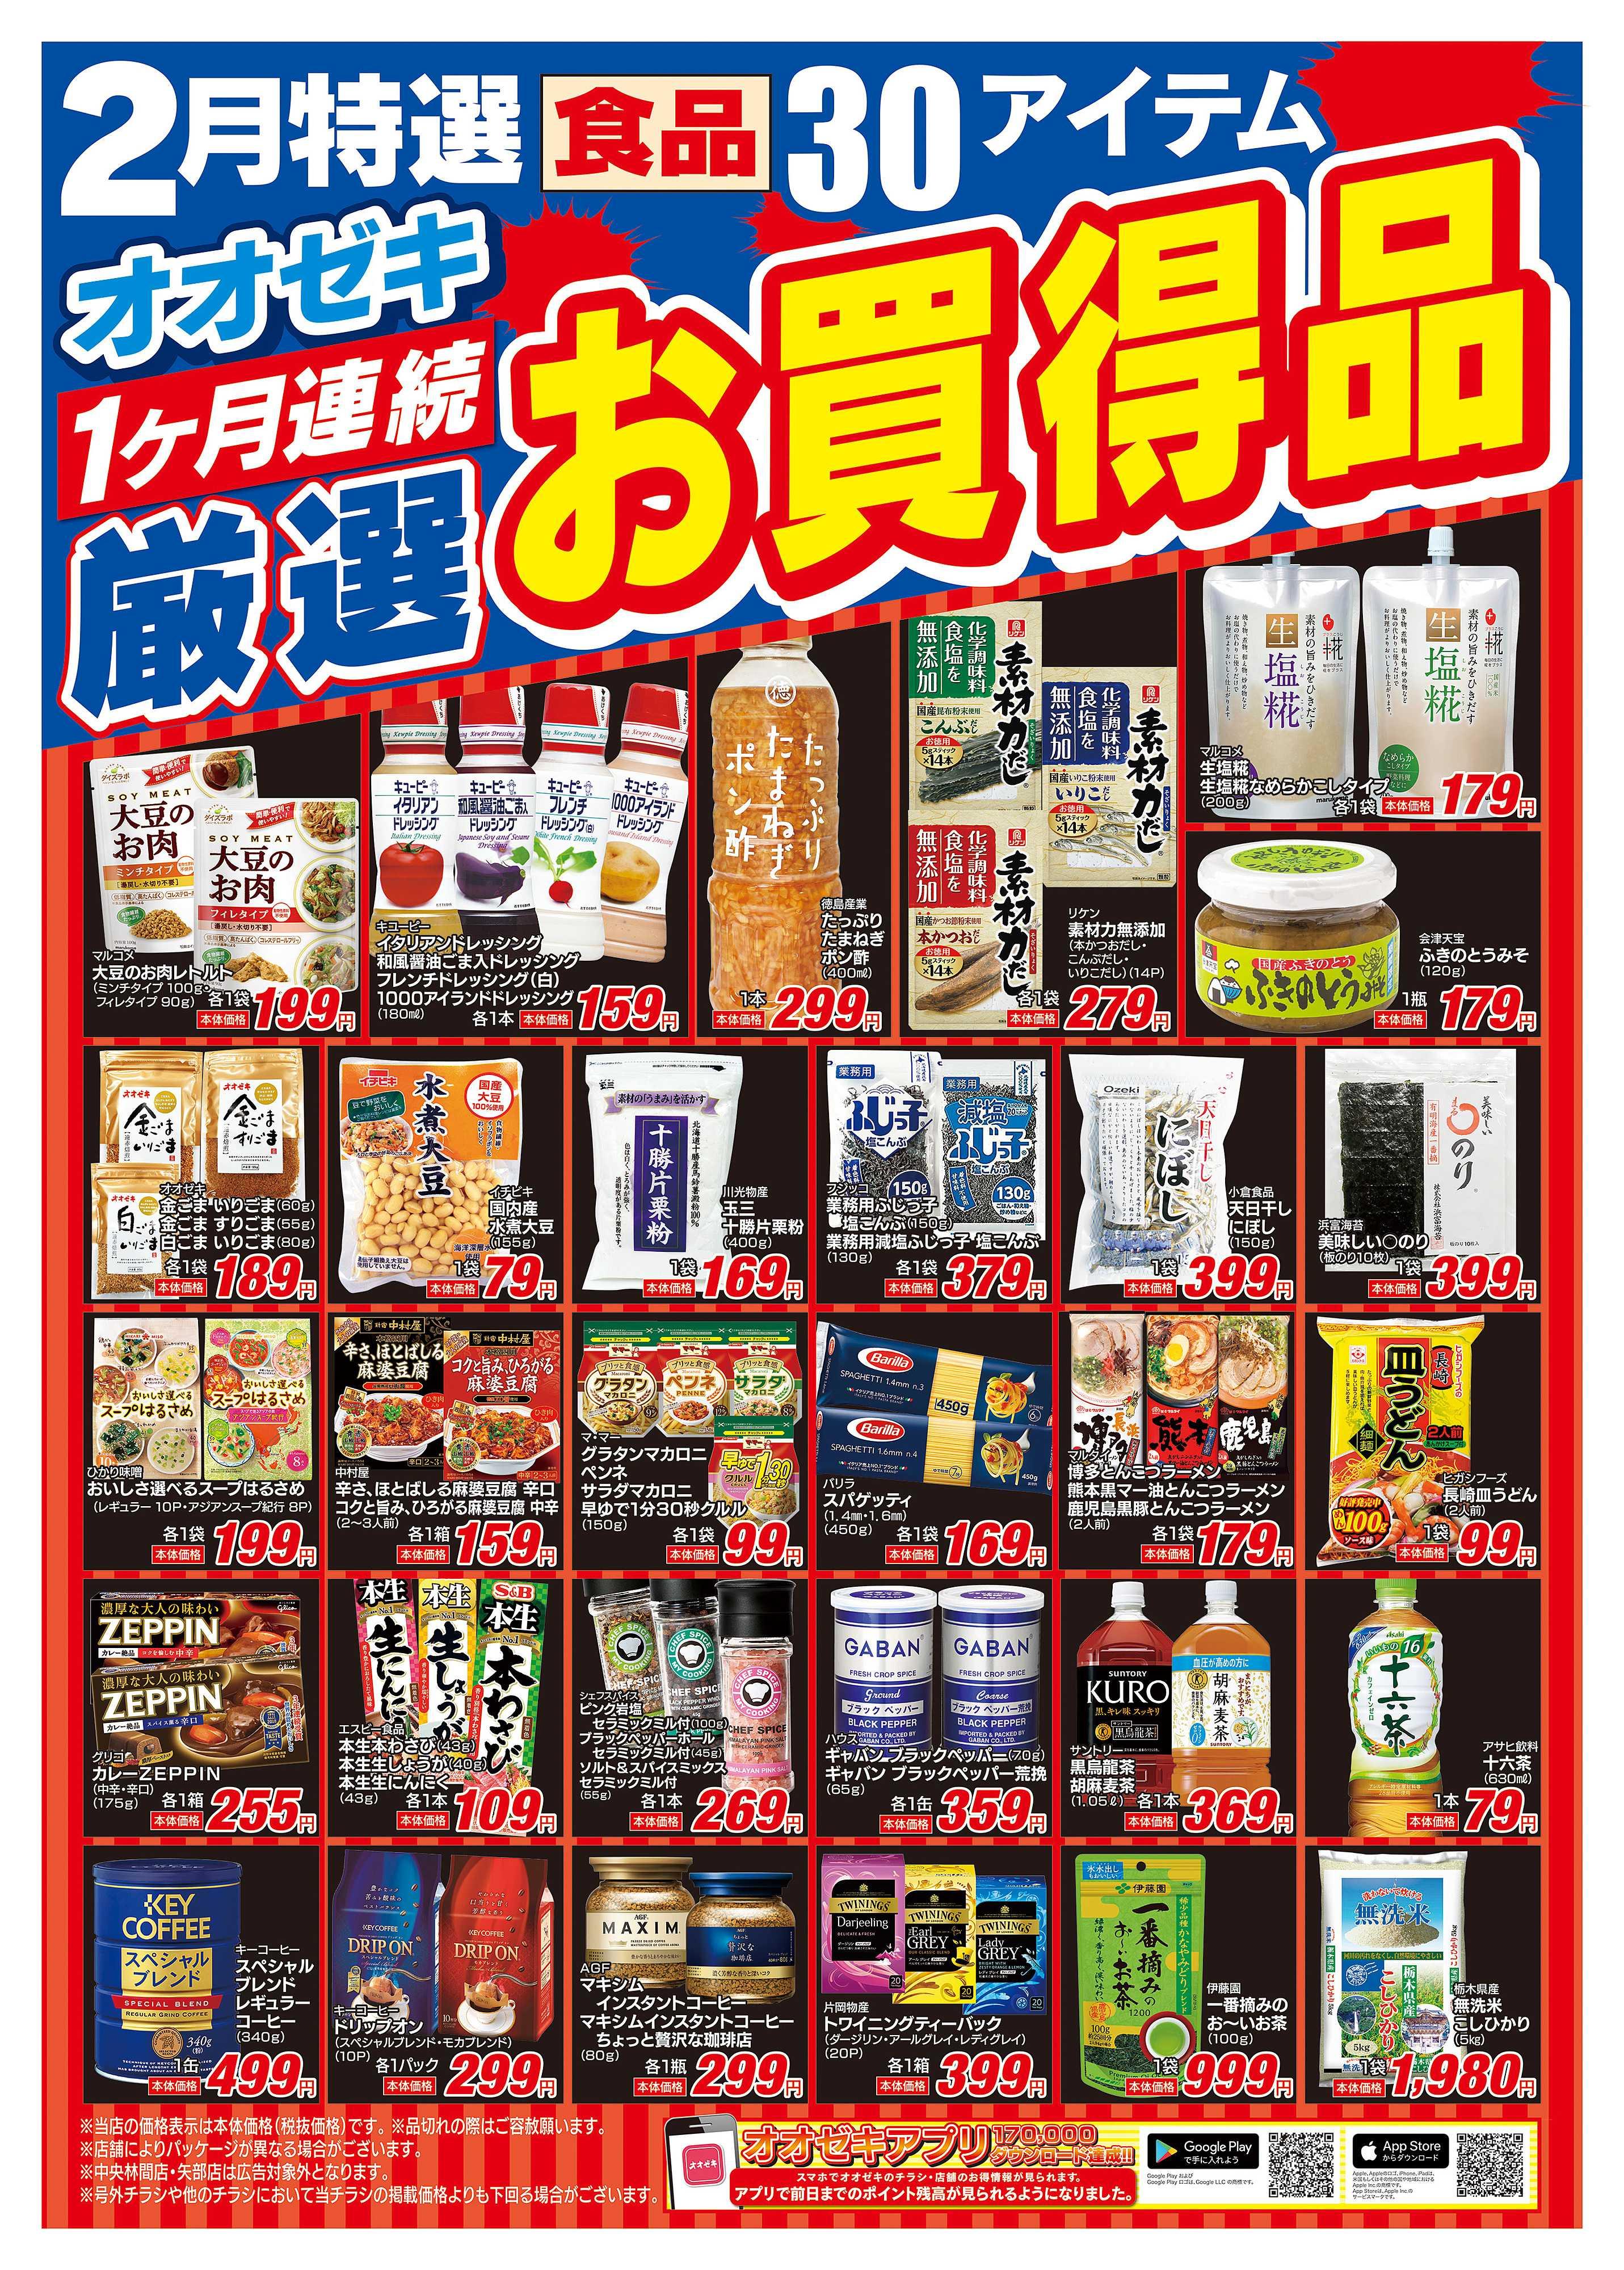 オオゼキ 2月特選食品 1ヶ月連続厳選お買得品